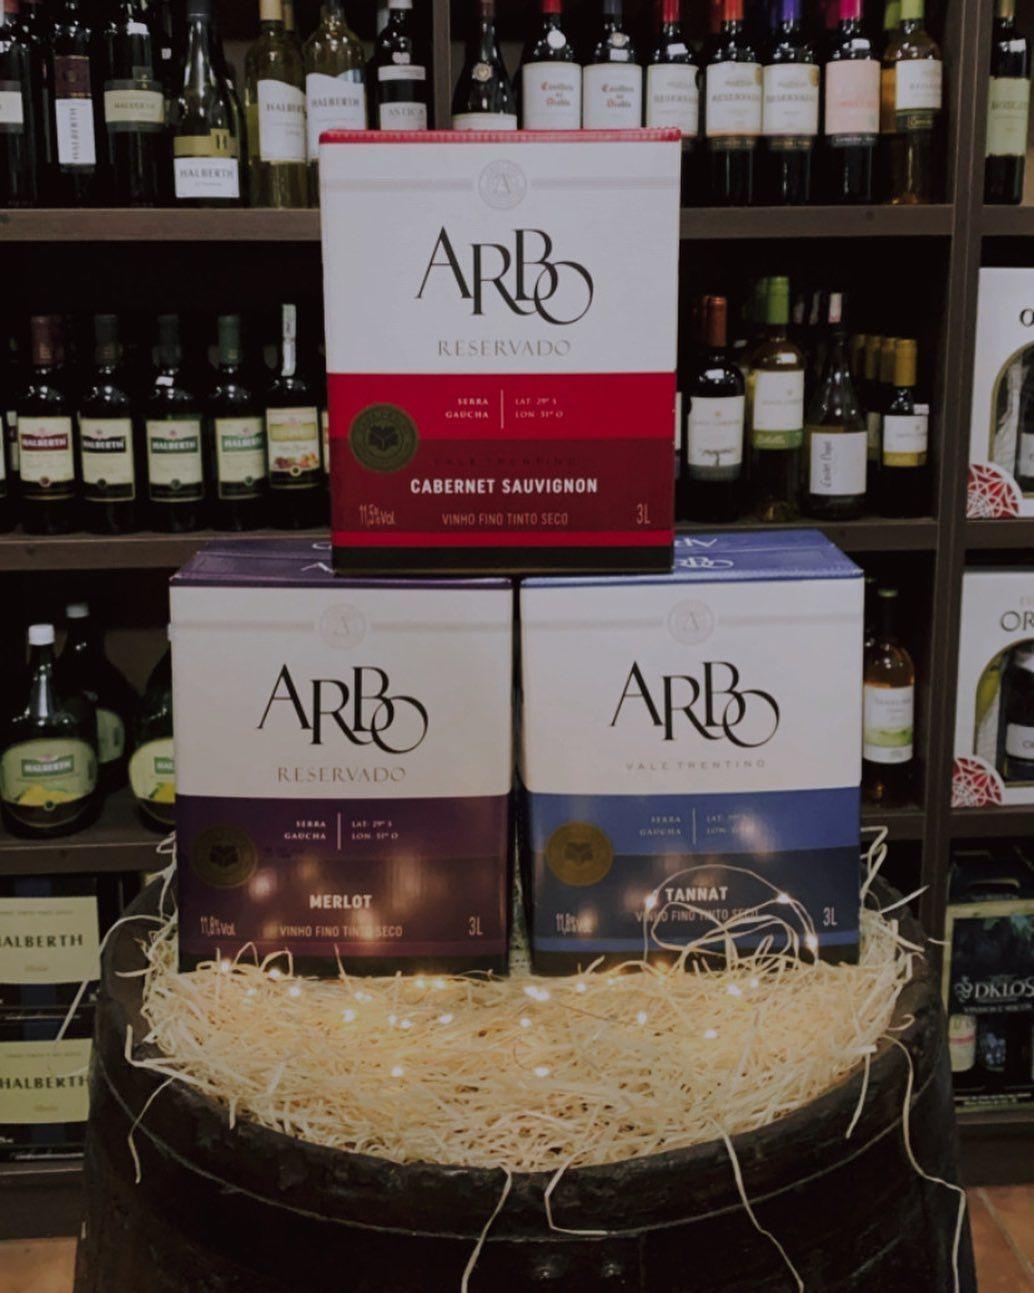 Comercial De Bebidas Ritter On Instagram E Quem Resiste A Um Bag In Box Da Casaperini Nesse Inverno Gelado Arbo Casaperi In 2020 Wine Box Wine Bread